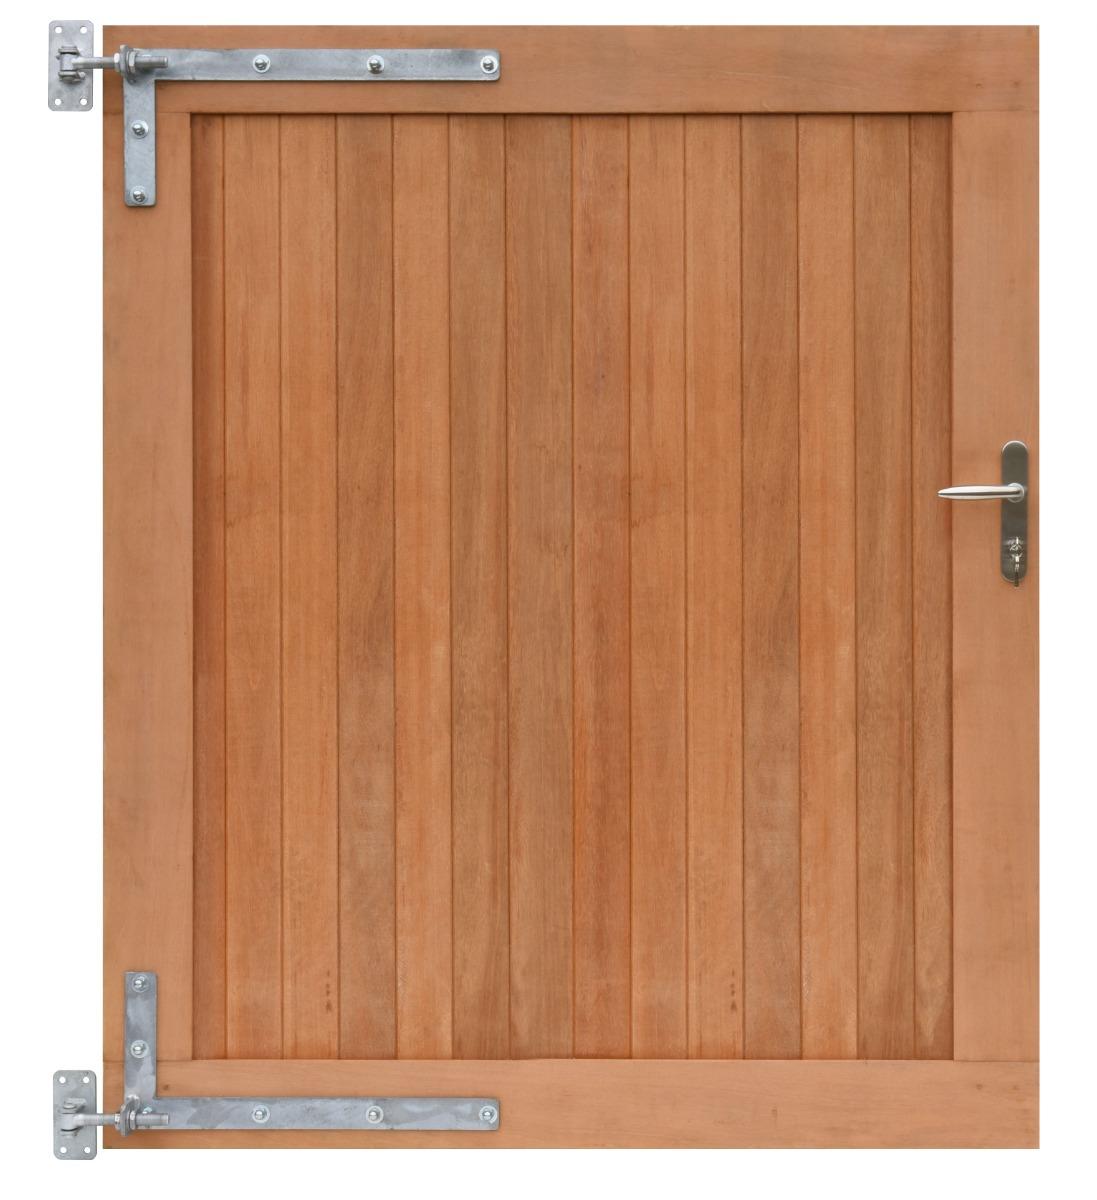 Poort tuinpoort Bangkirai hardhout 300x180cm (2 delig 150x180cm)